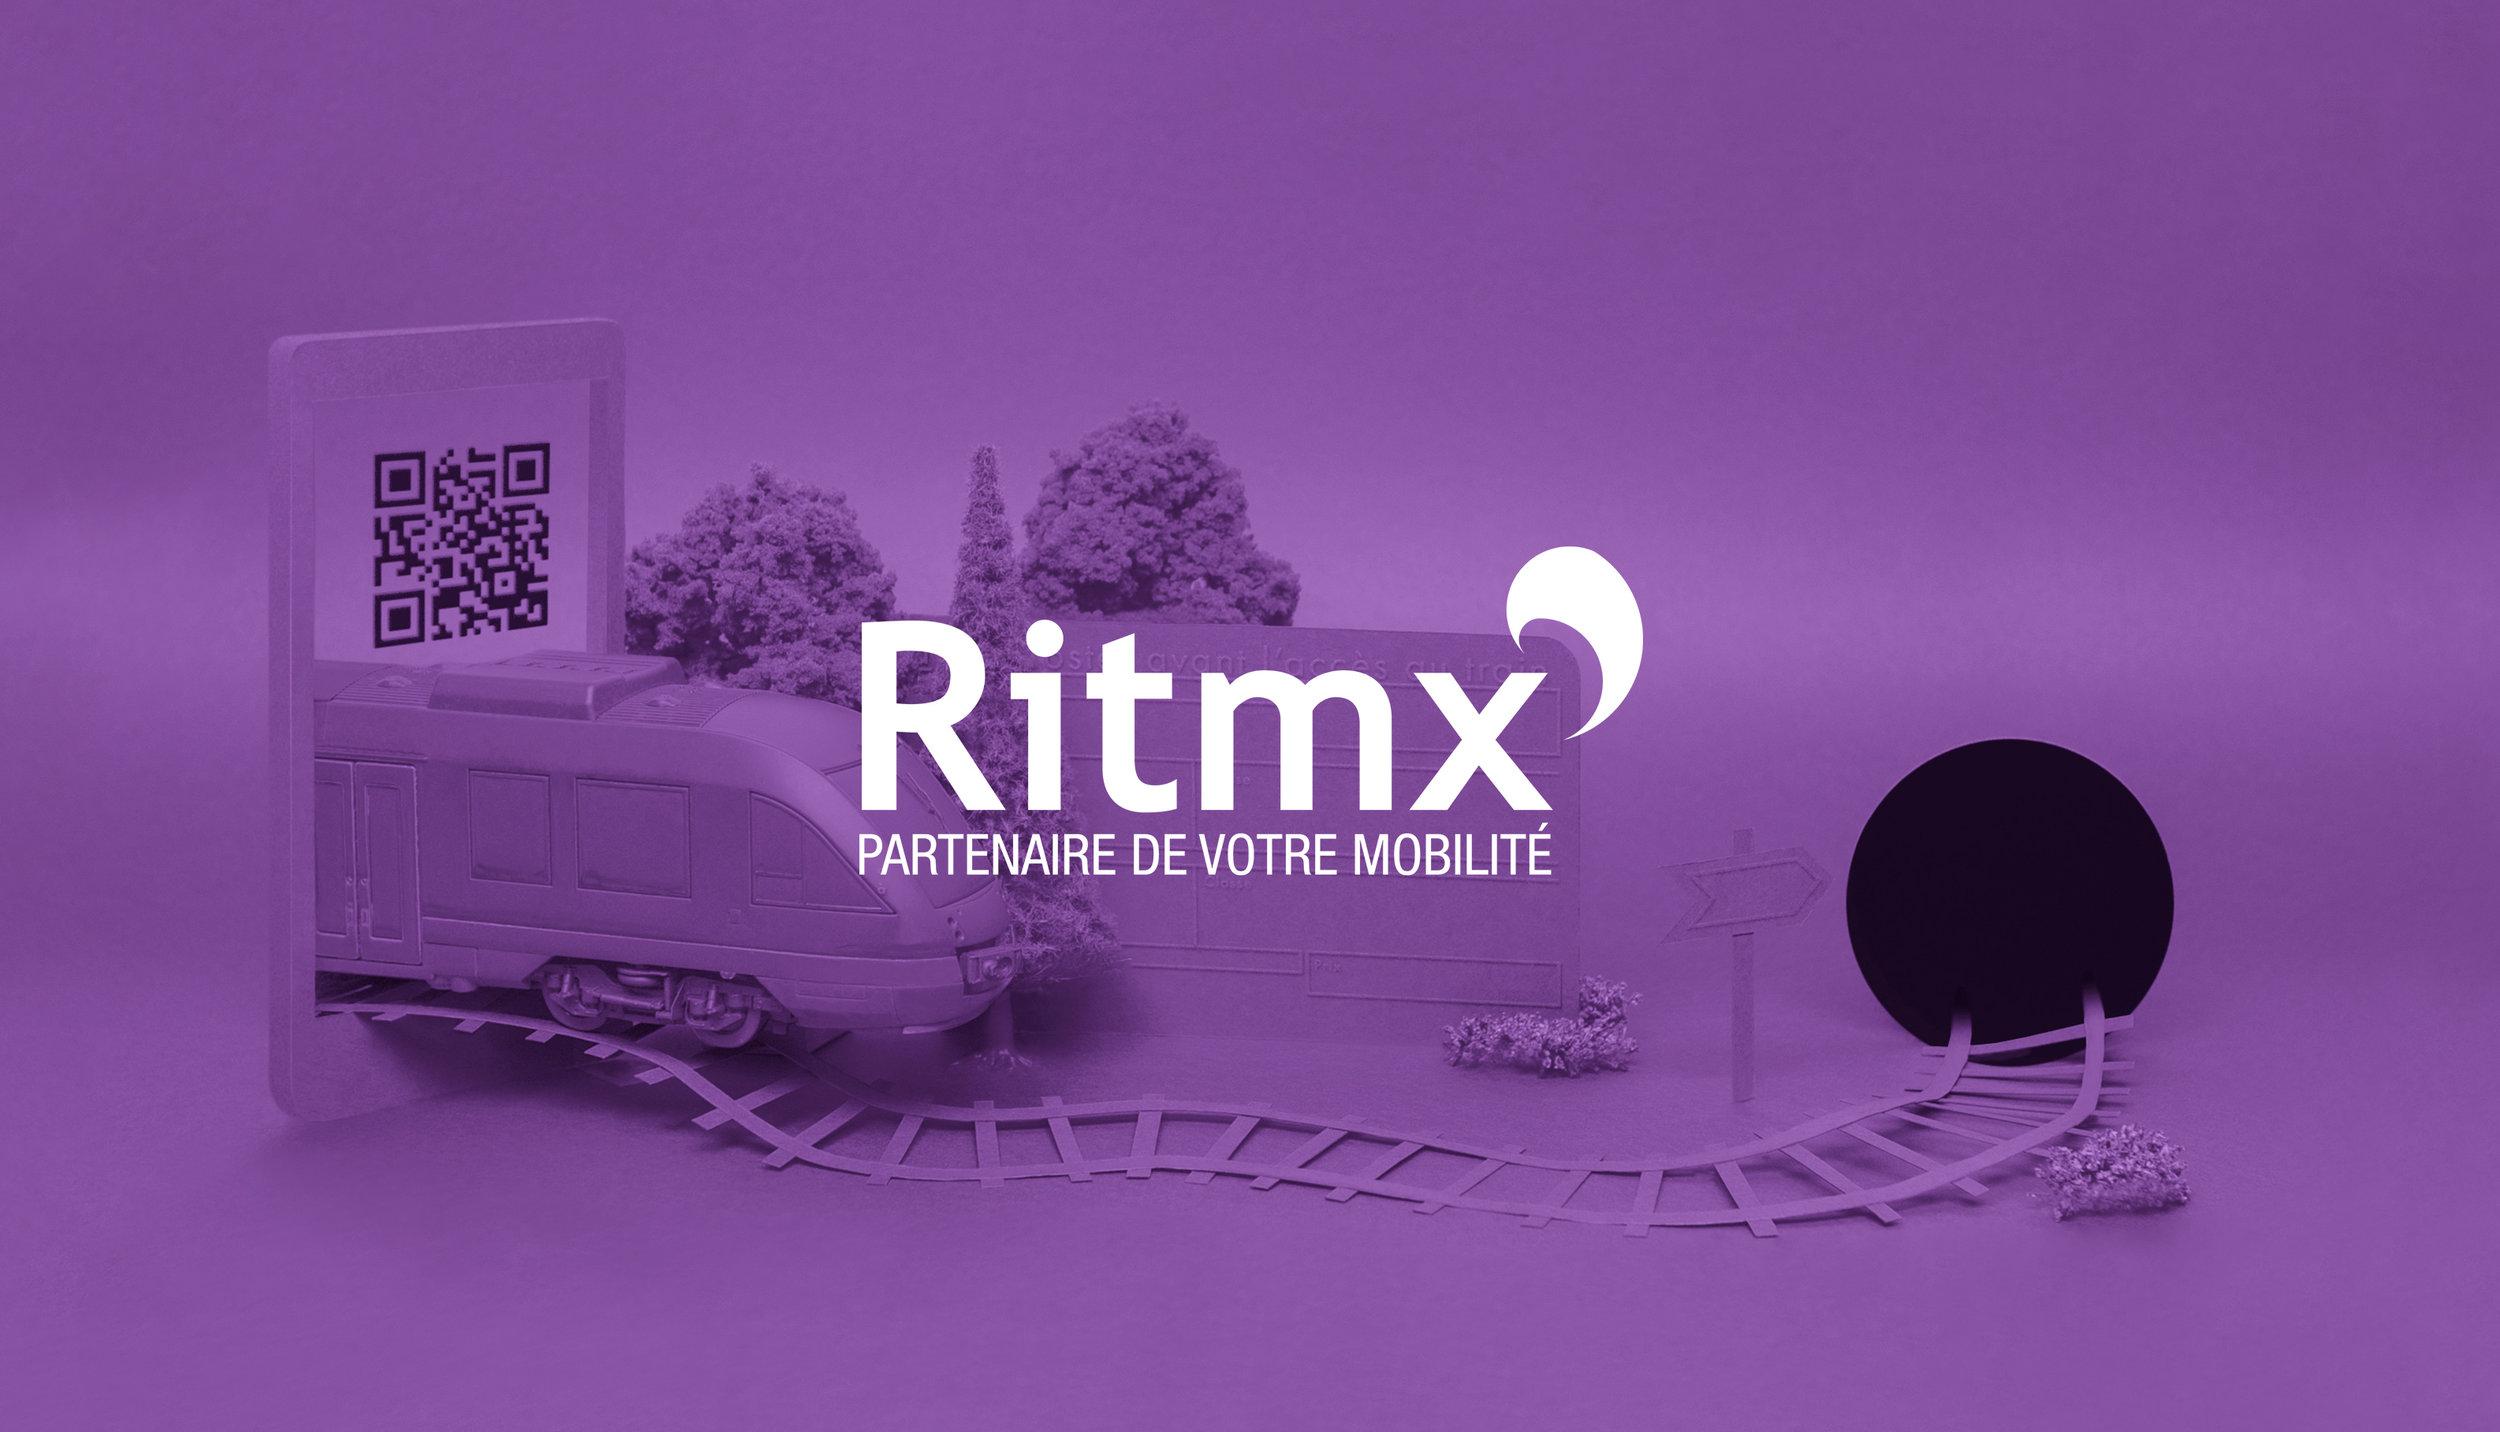 Ritmx_logo.jpg